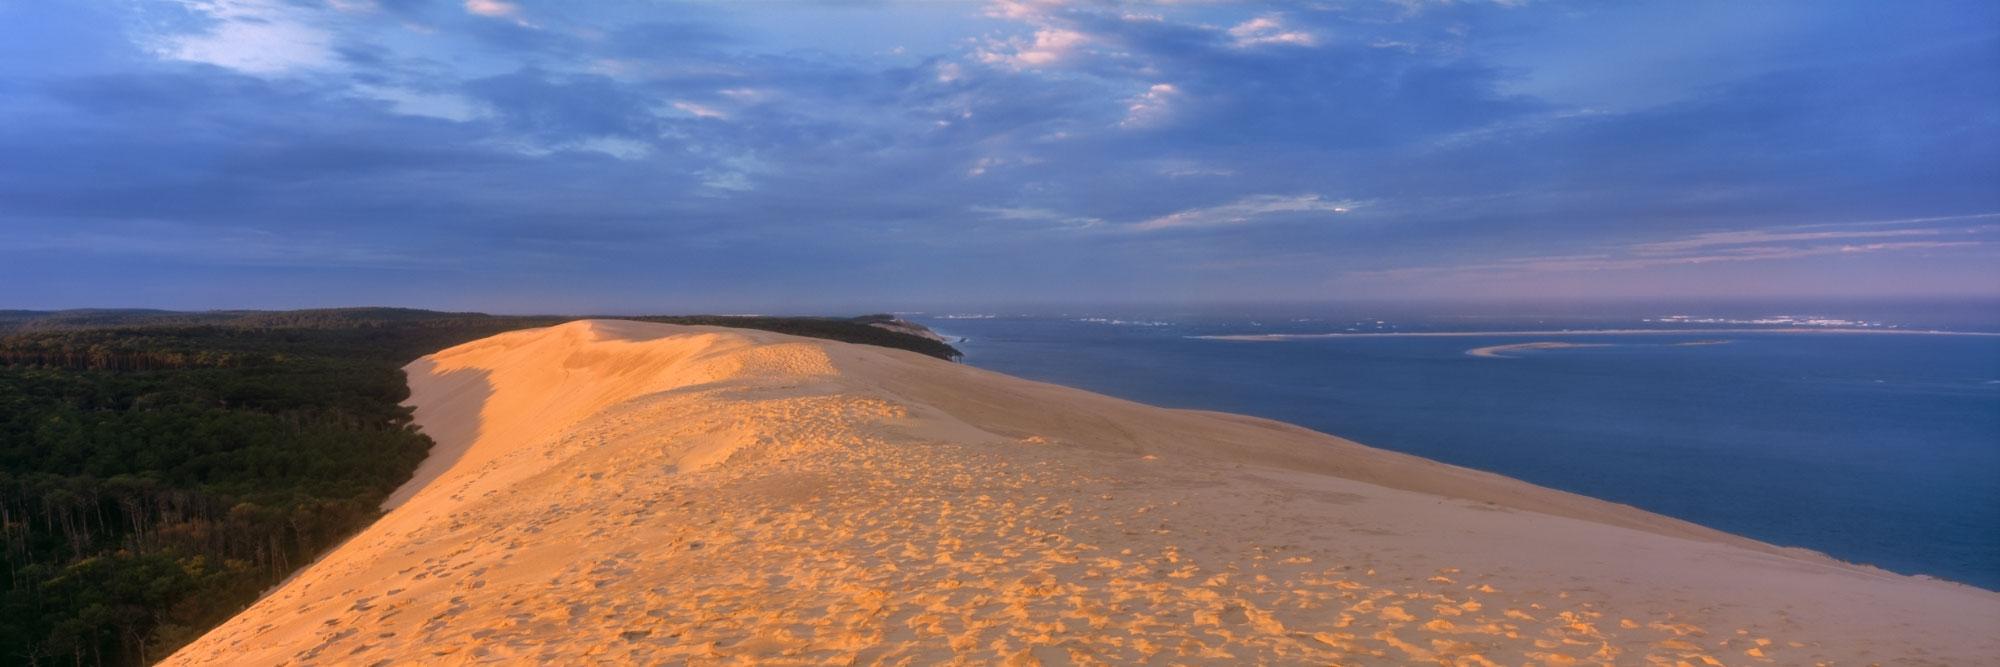 Dune du Pyla et banc d'Arguin, côte Atlantique